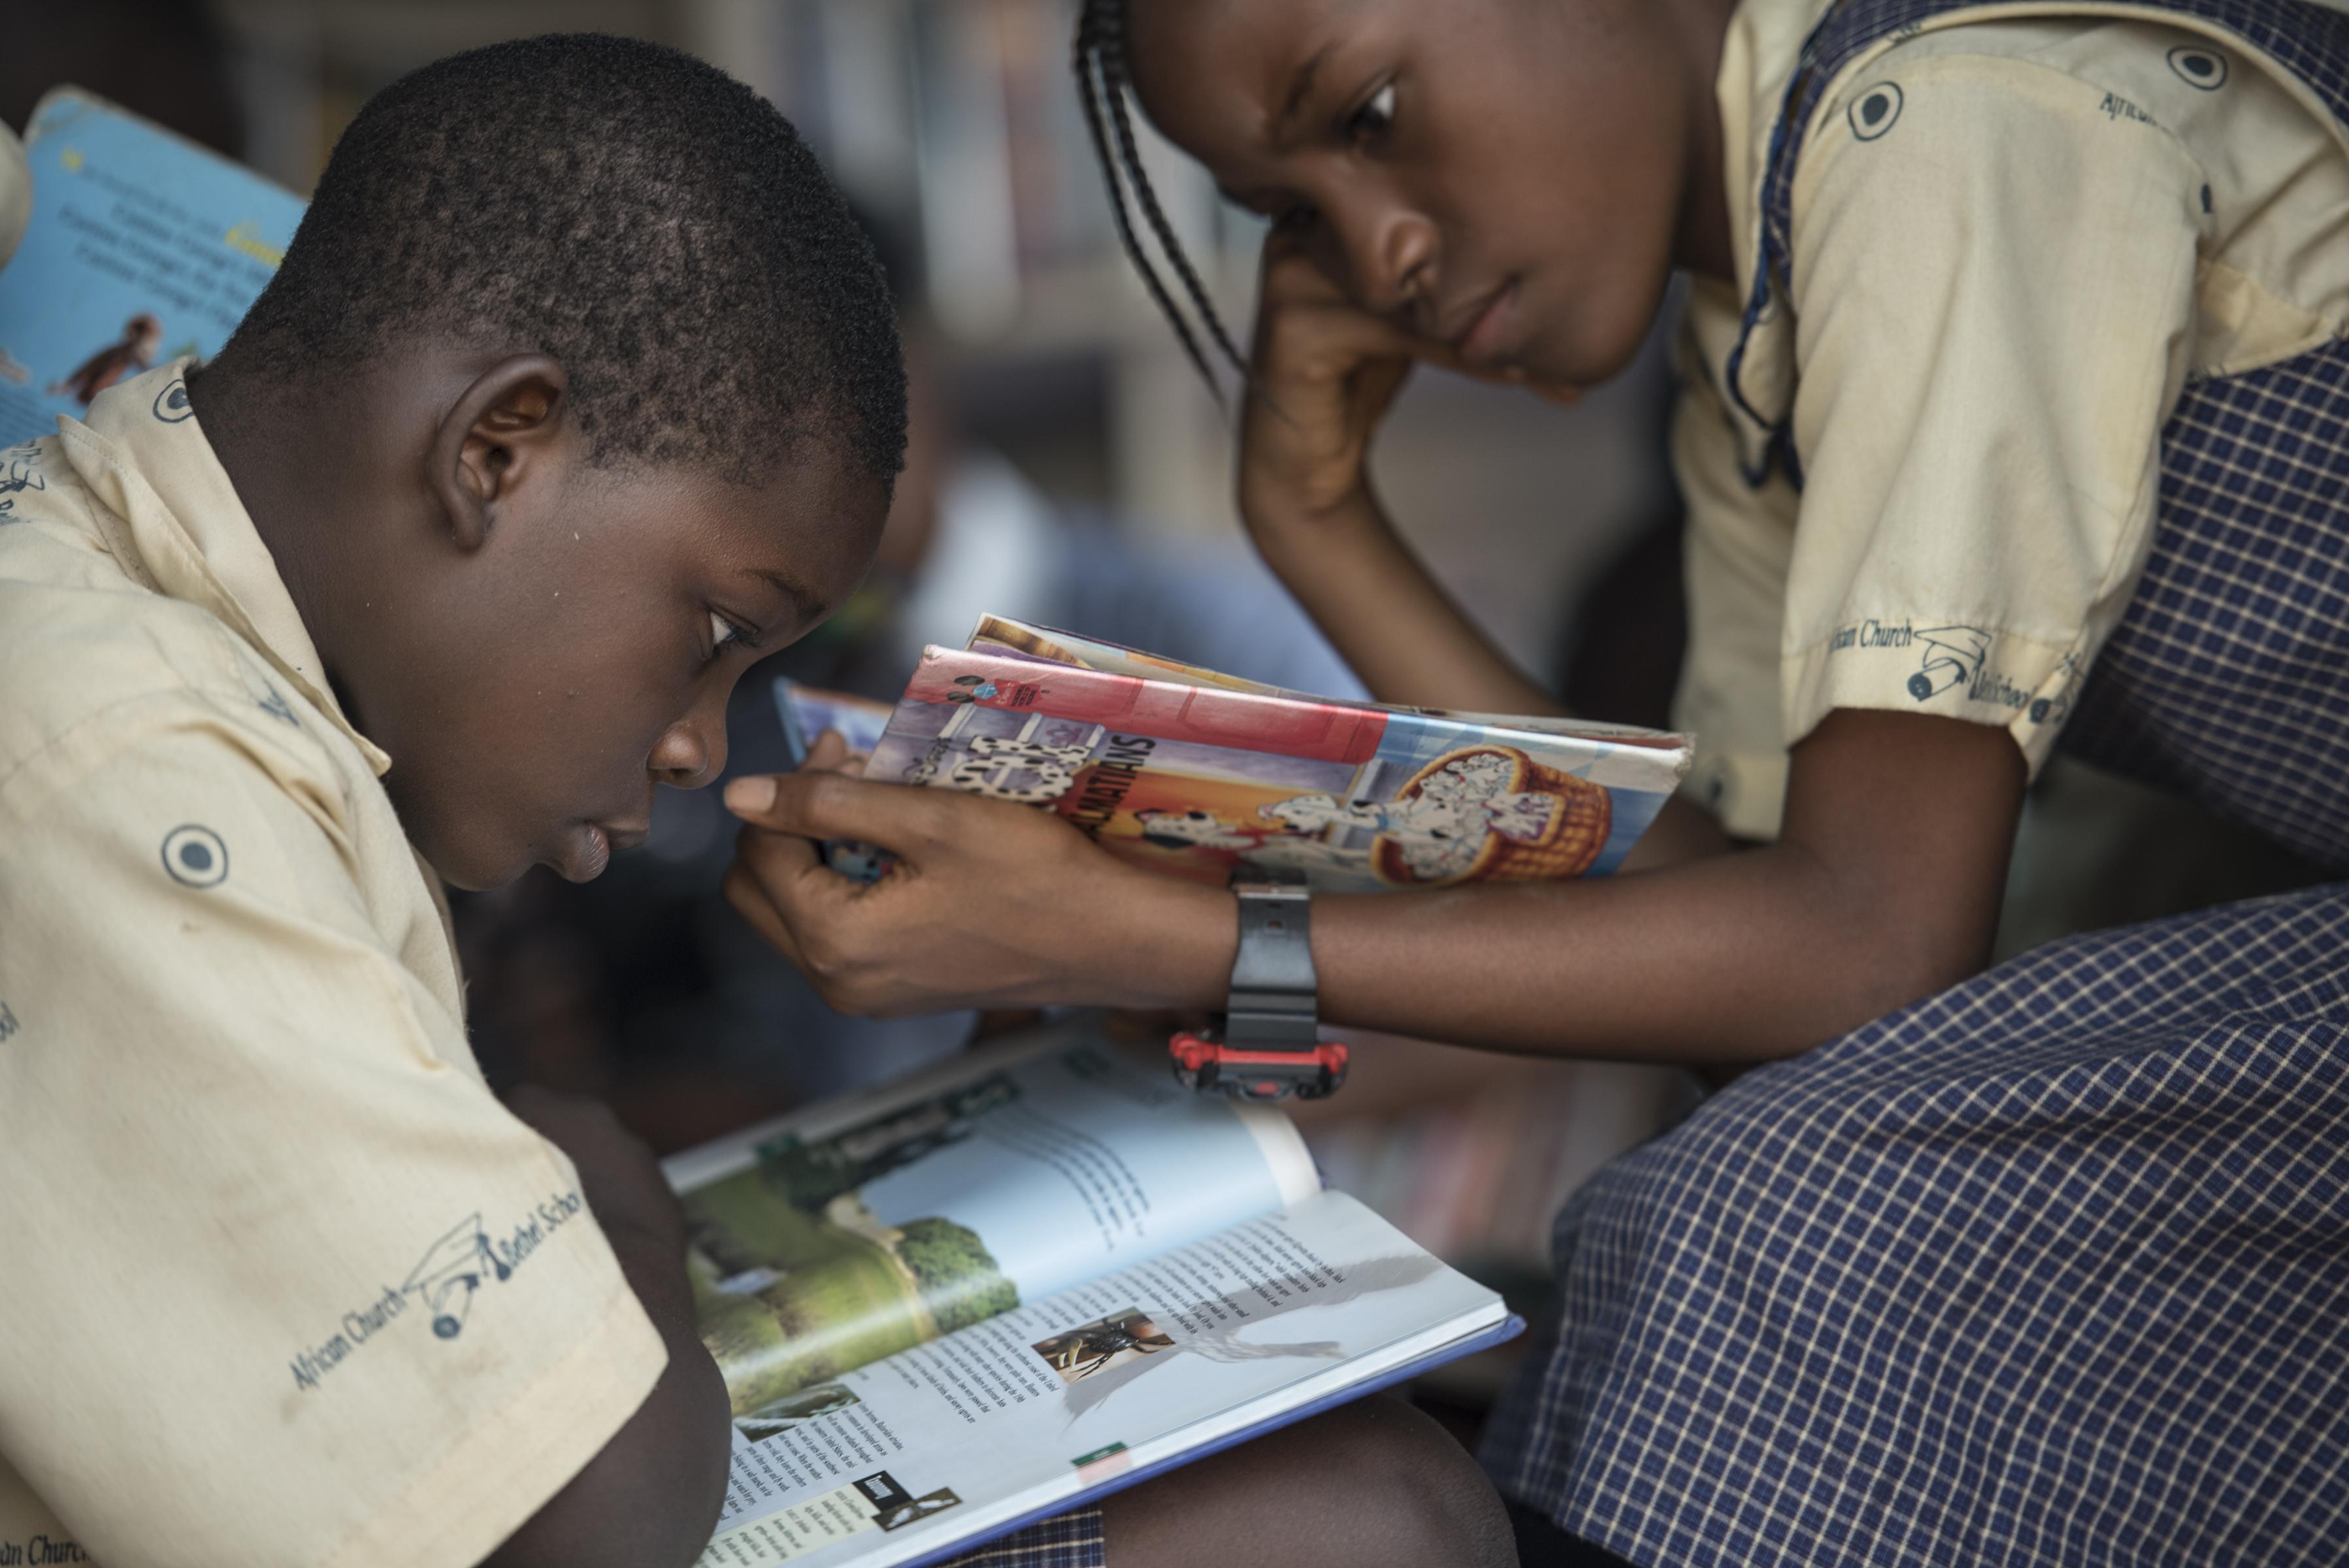 nig ria des biblioth ques mobiles pour donner le go t de la lecture aux enfants. Black Bedroom Furniture Sets. Home Design Ideas